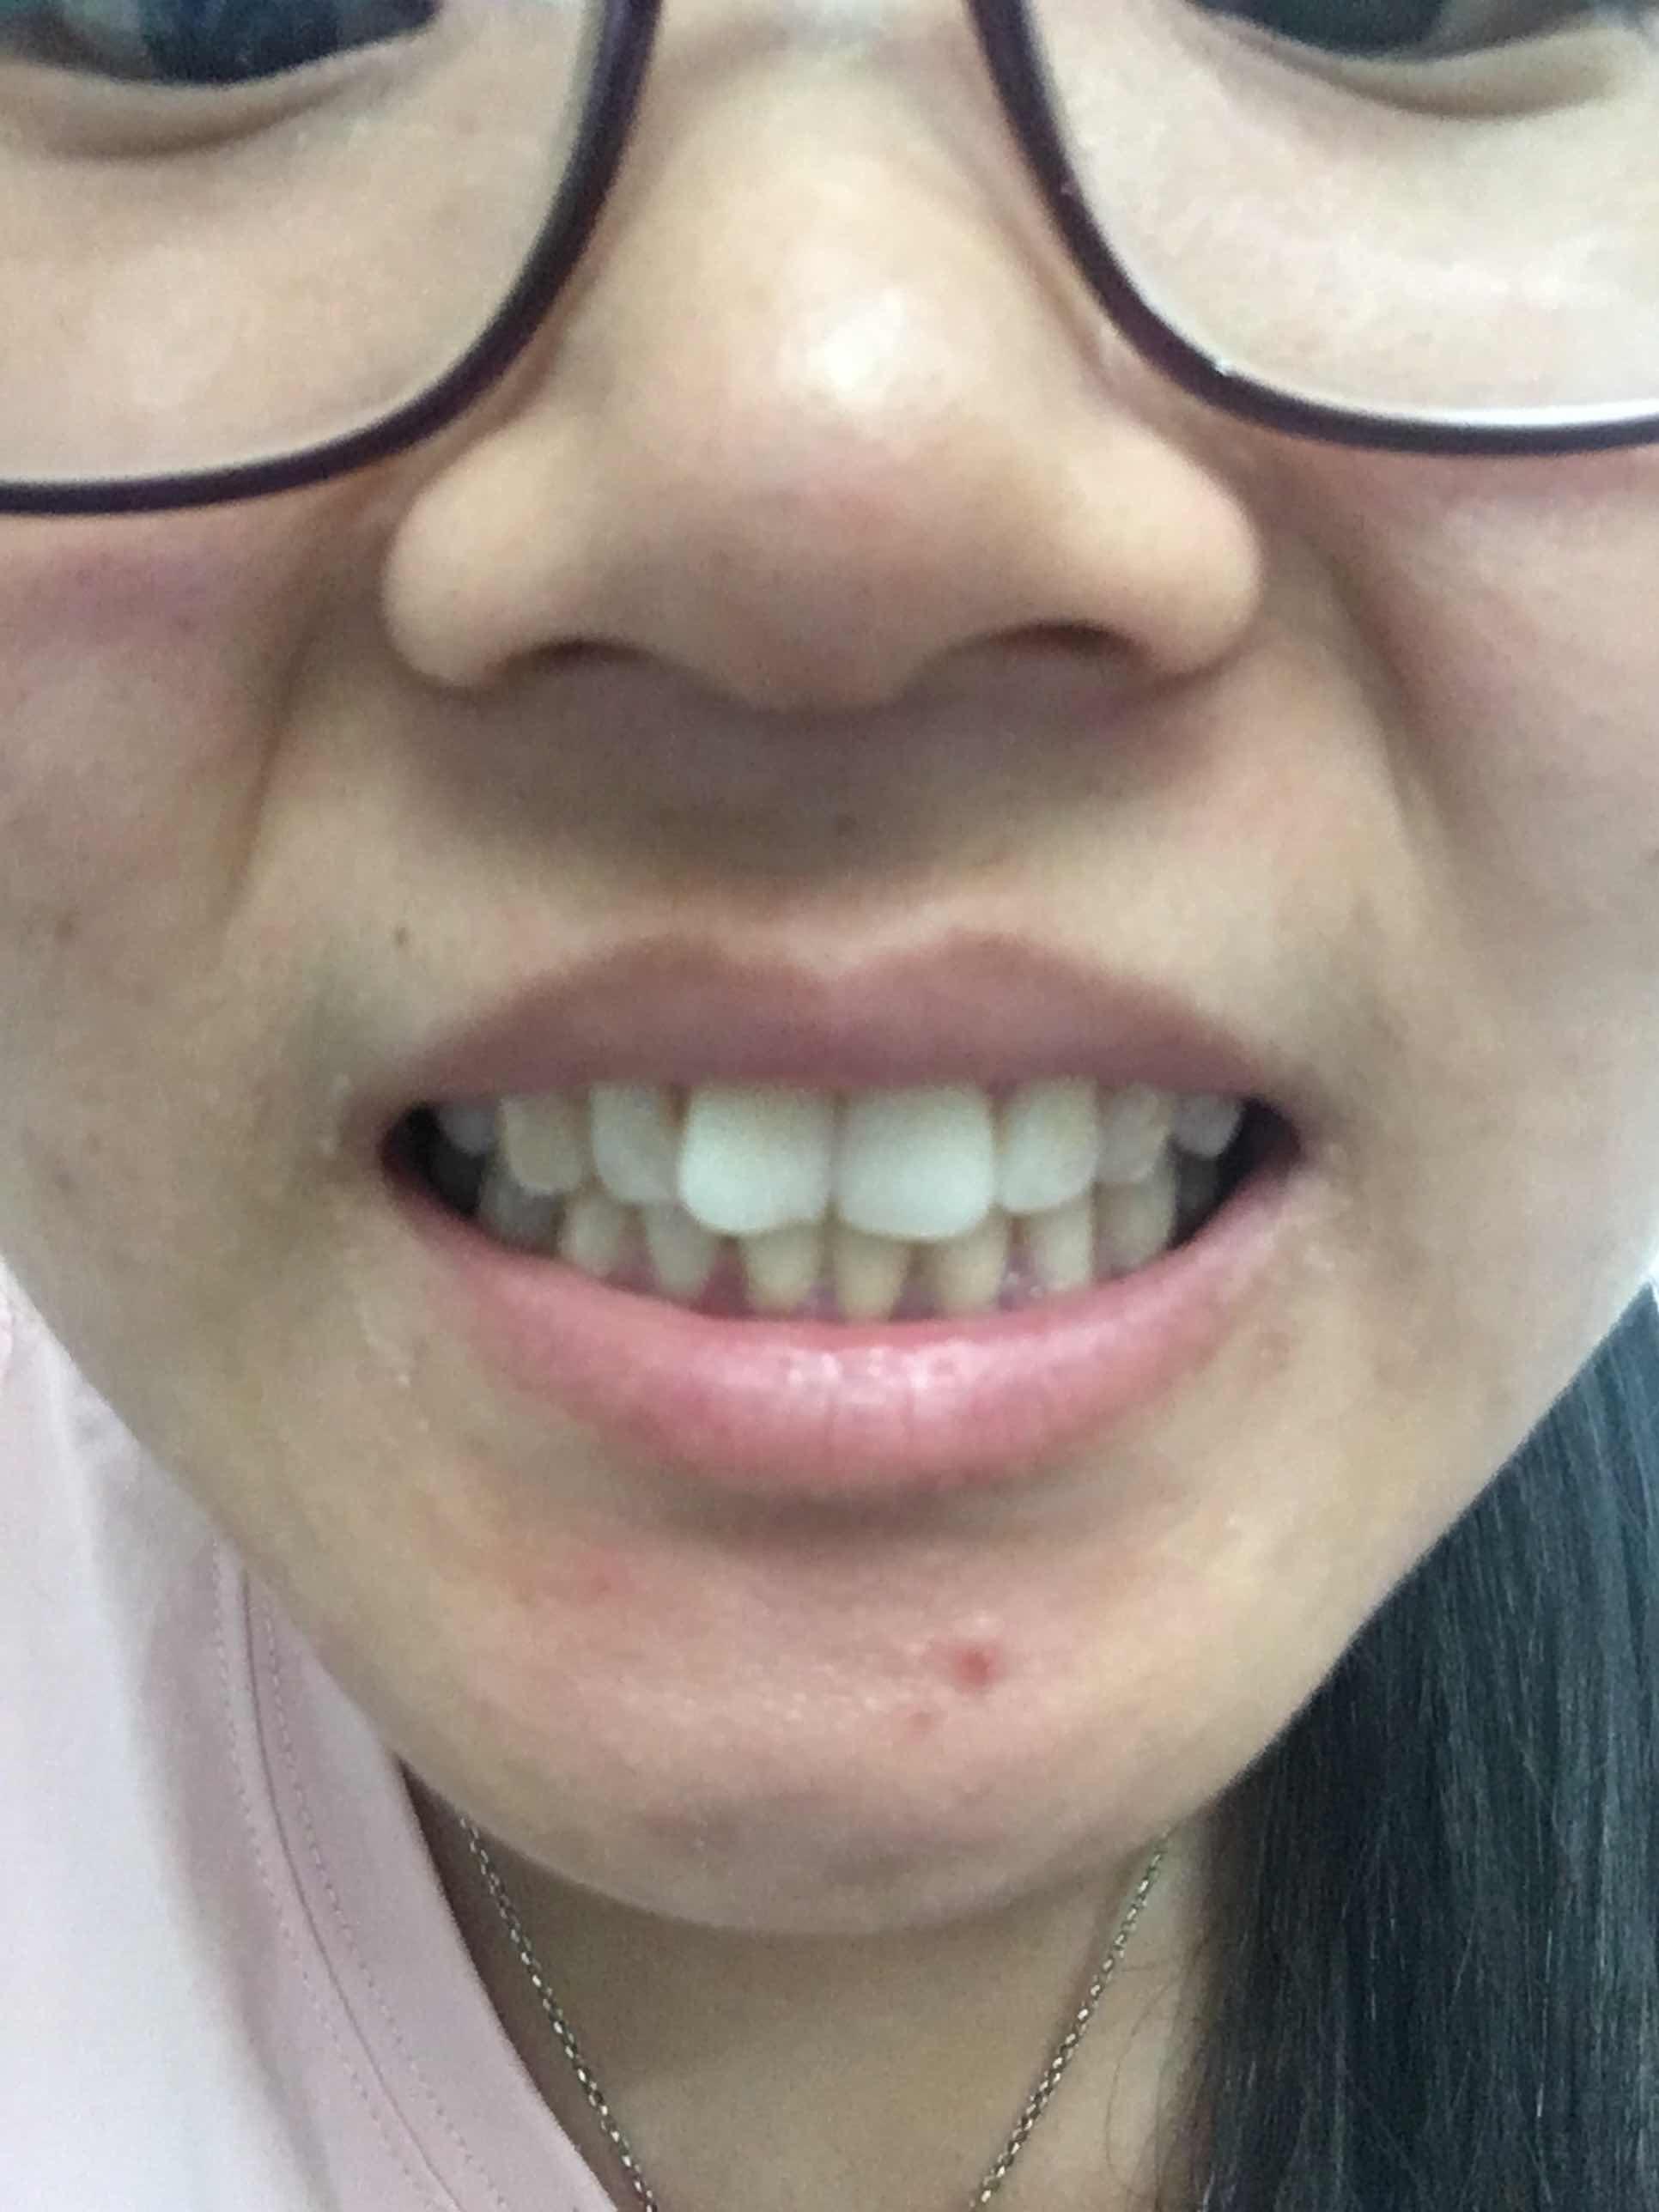 牙齿矫正一般多少钱,上排两颗大门牙有点重叠,下排正中间有颗假牙,该怎么矫正